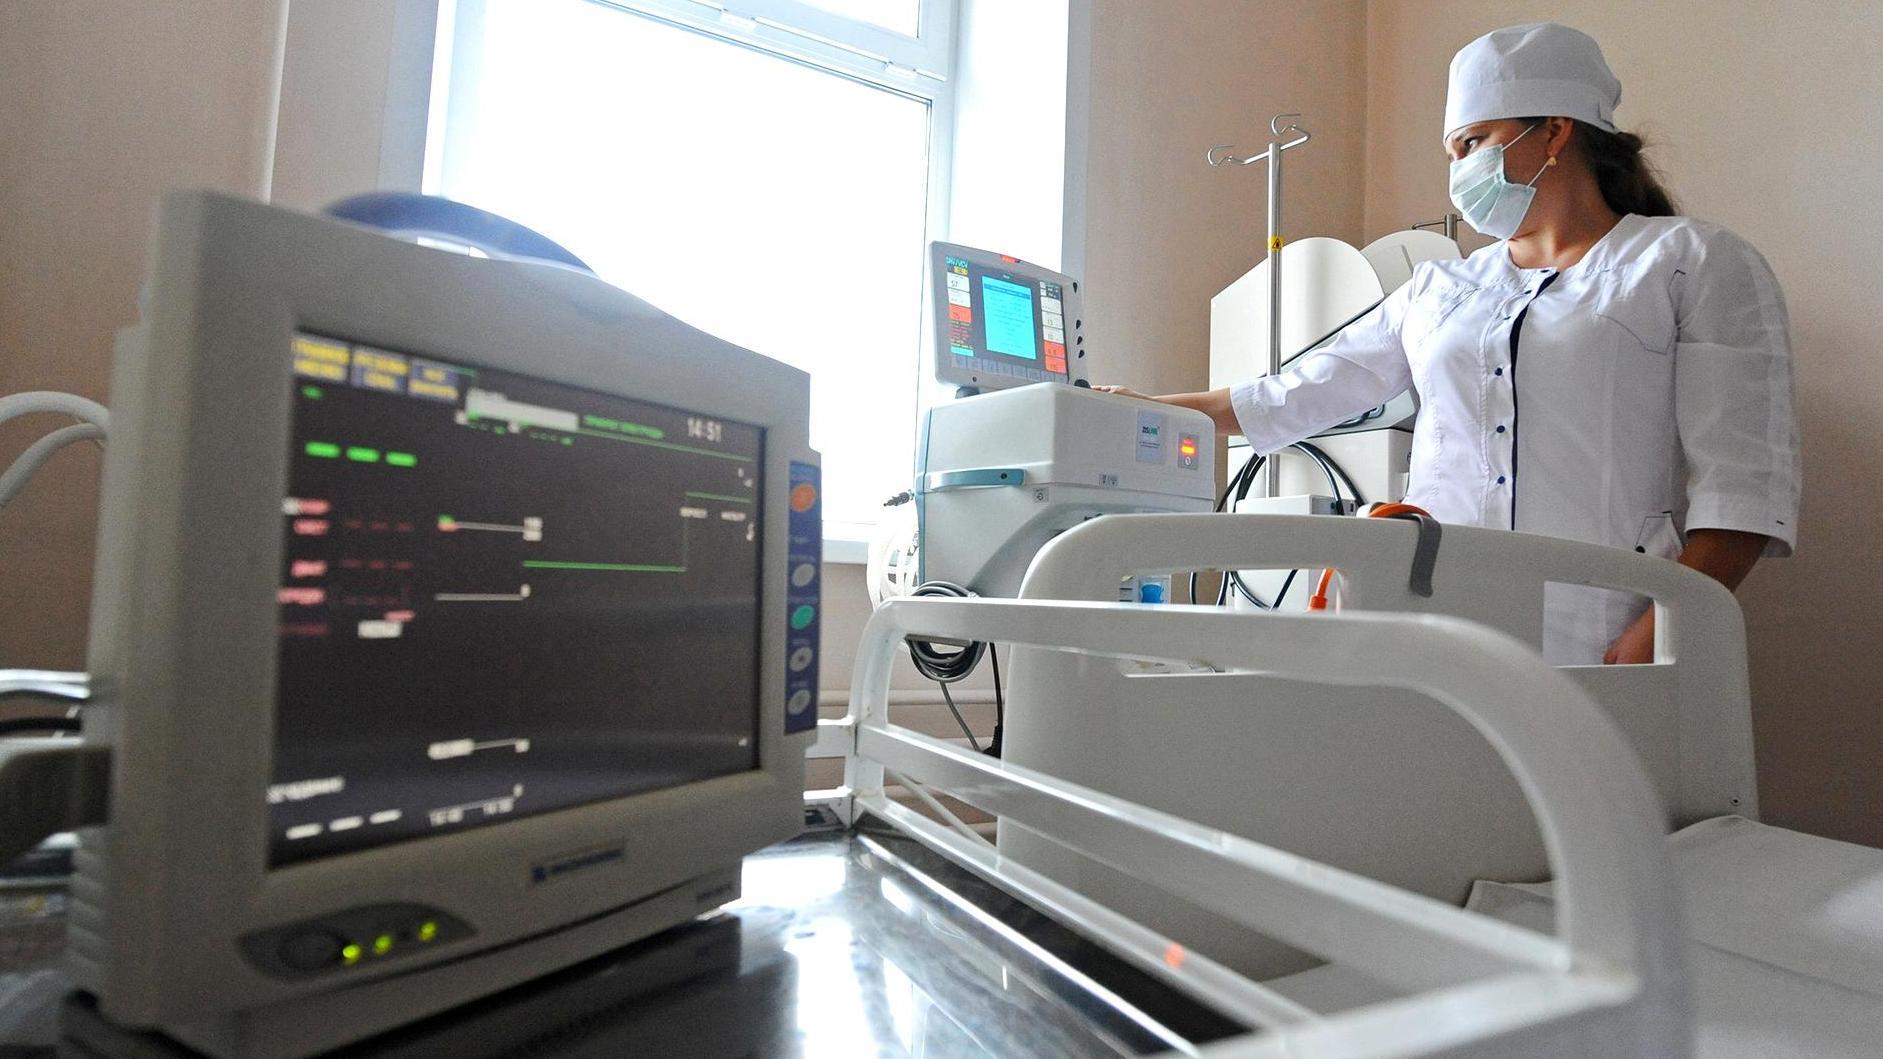 Игорь и Лев подарили инфекционному отделению 40-й больницы швейцарский аппарат ИВЛ